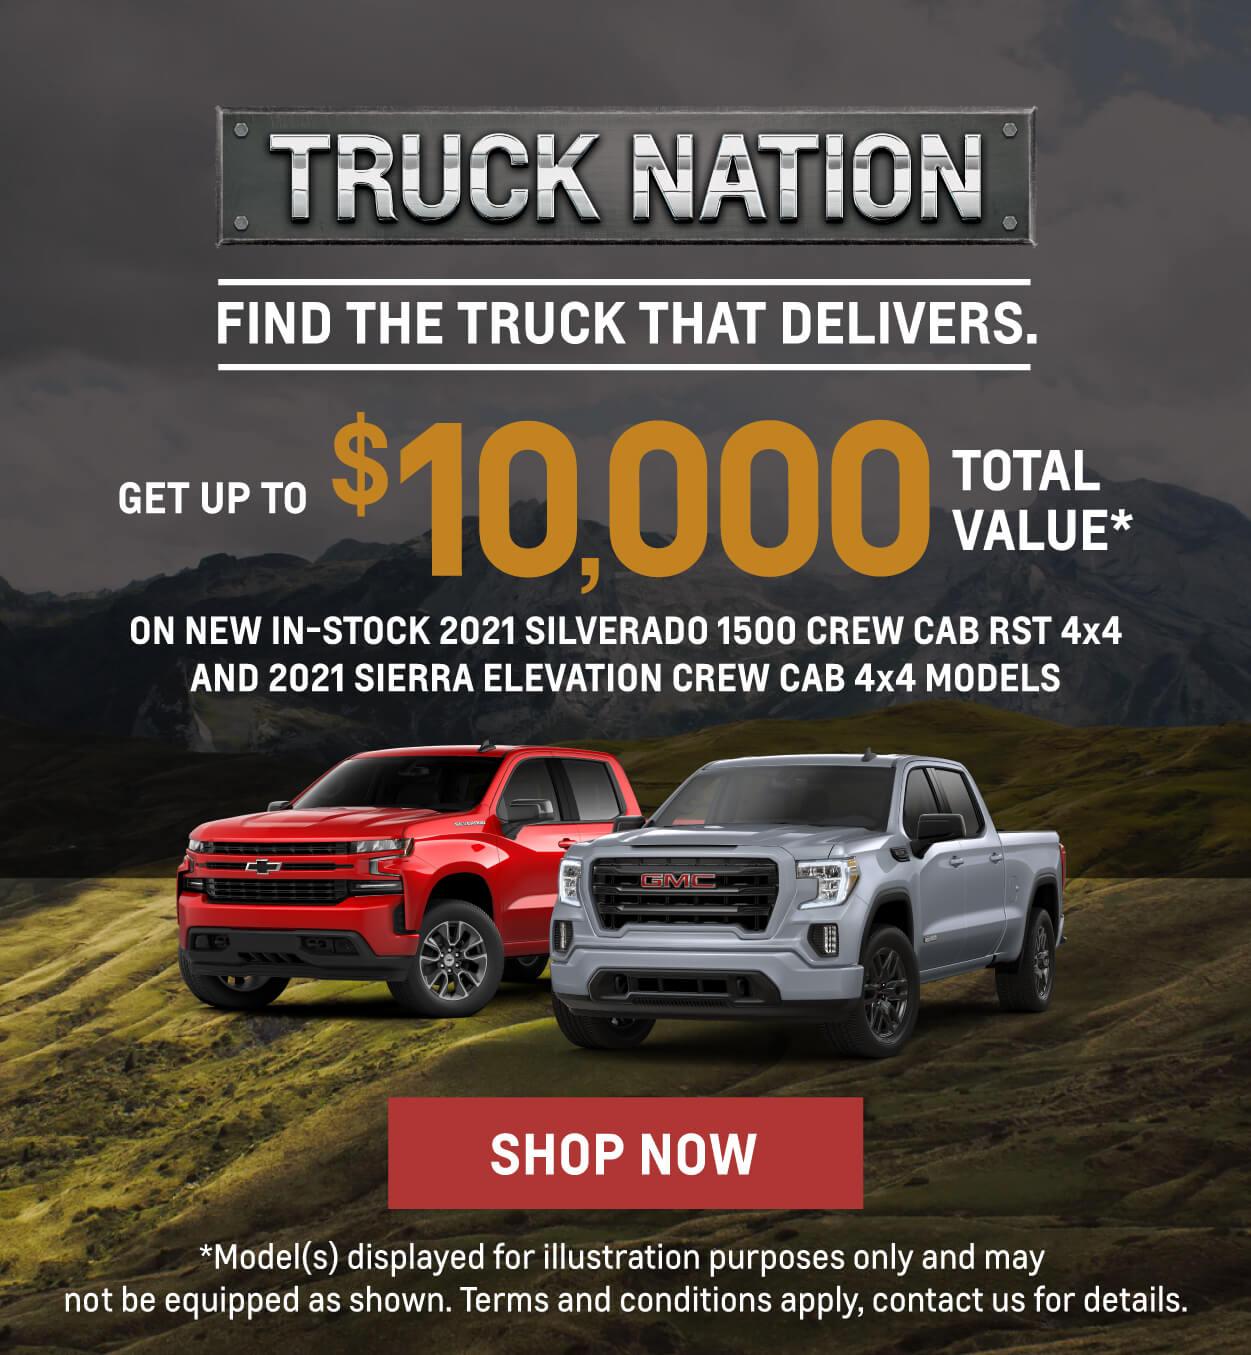 GM-Truck-Nation-June-2021-DM_SLIDER-MOBILE-600x650